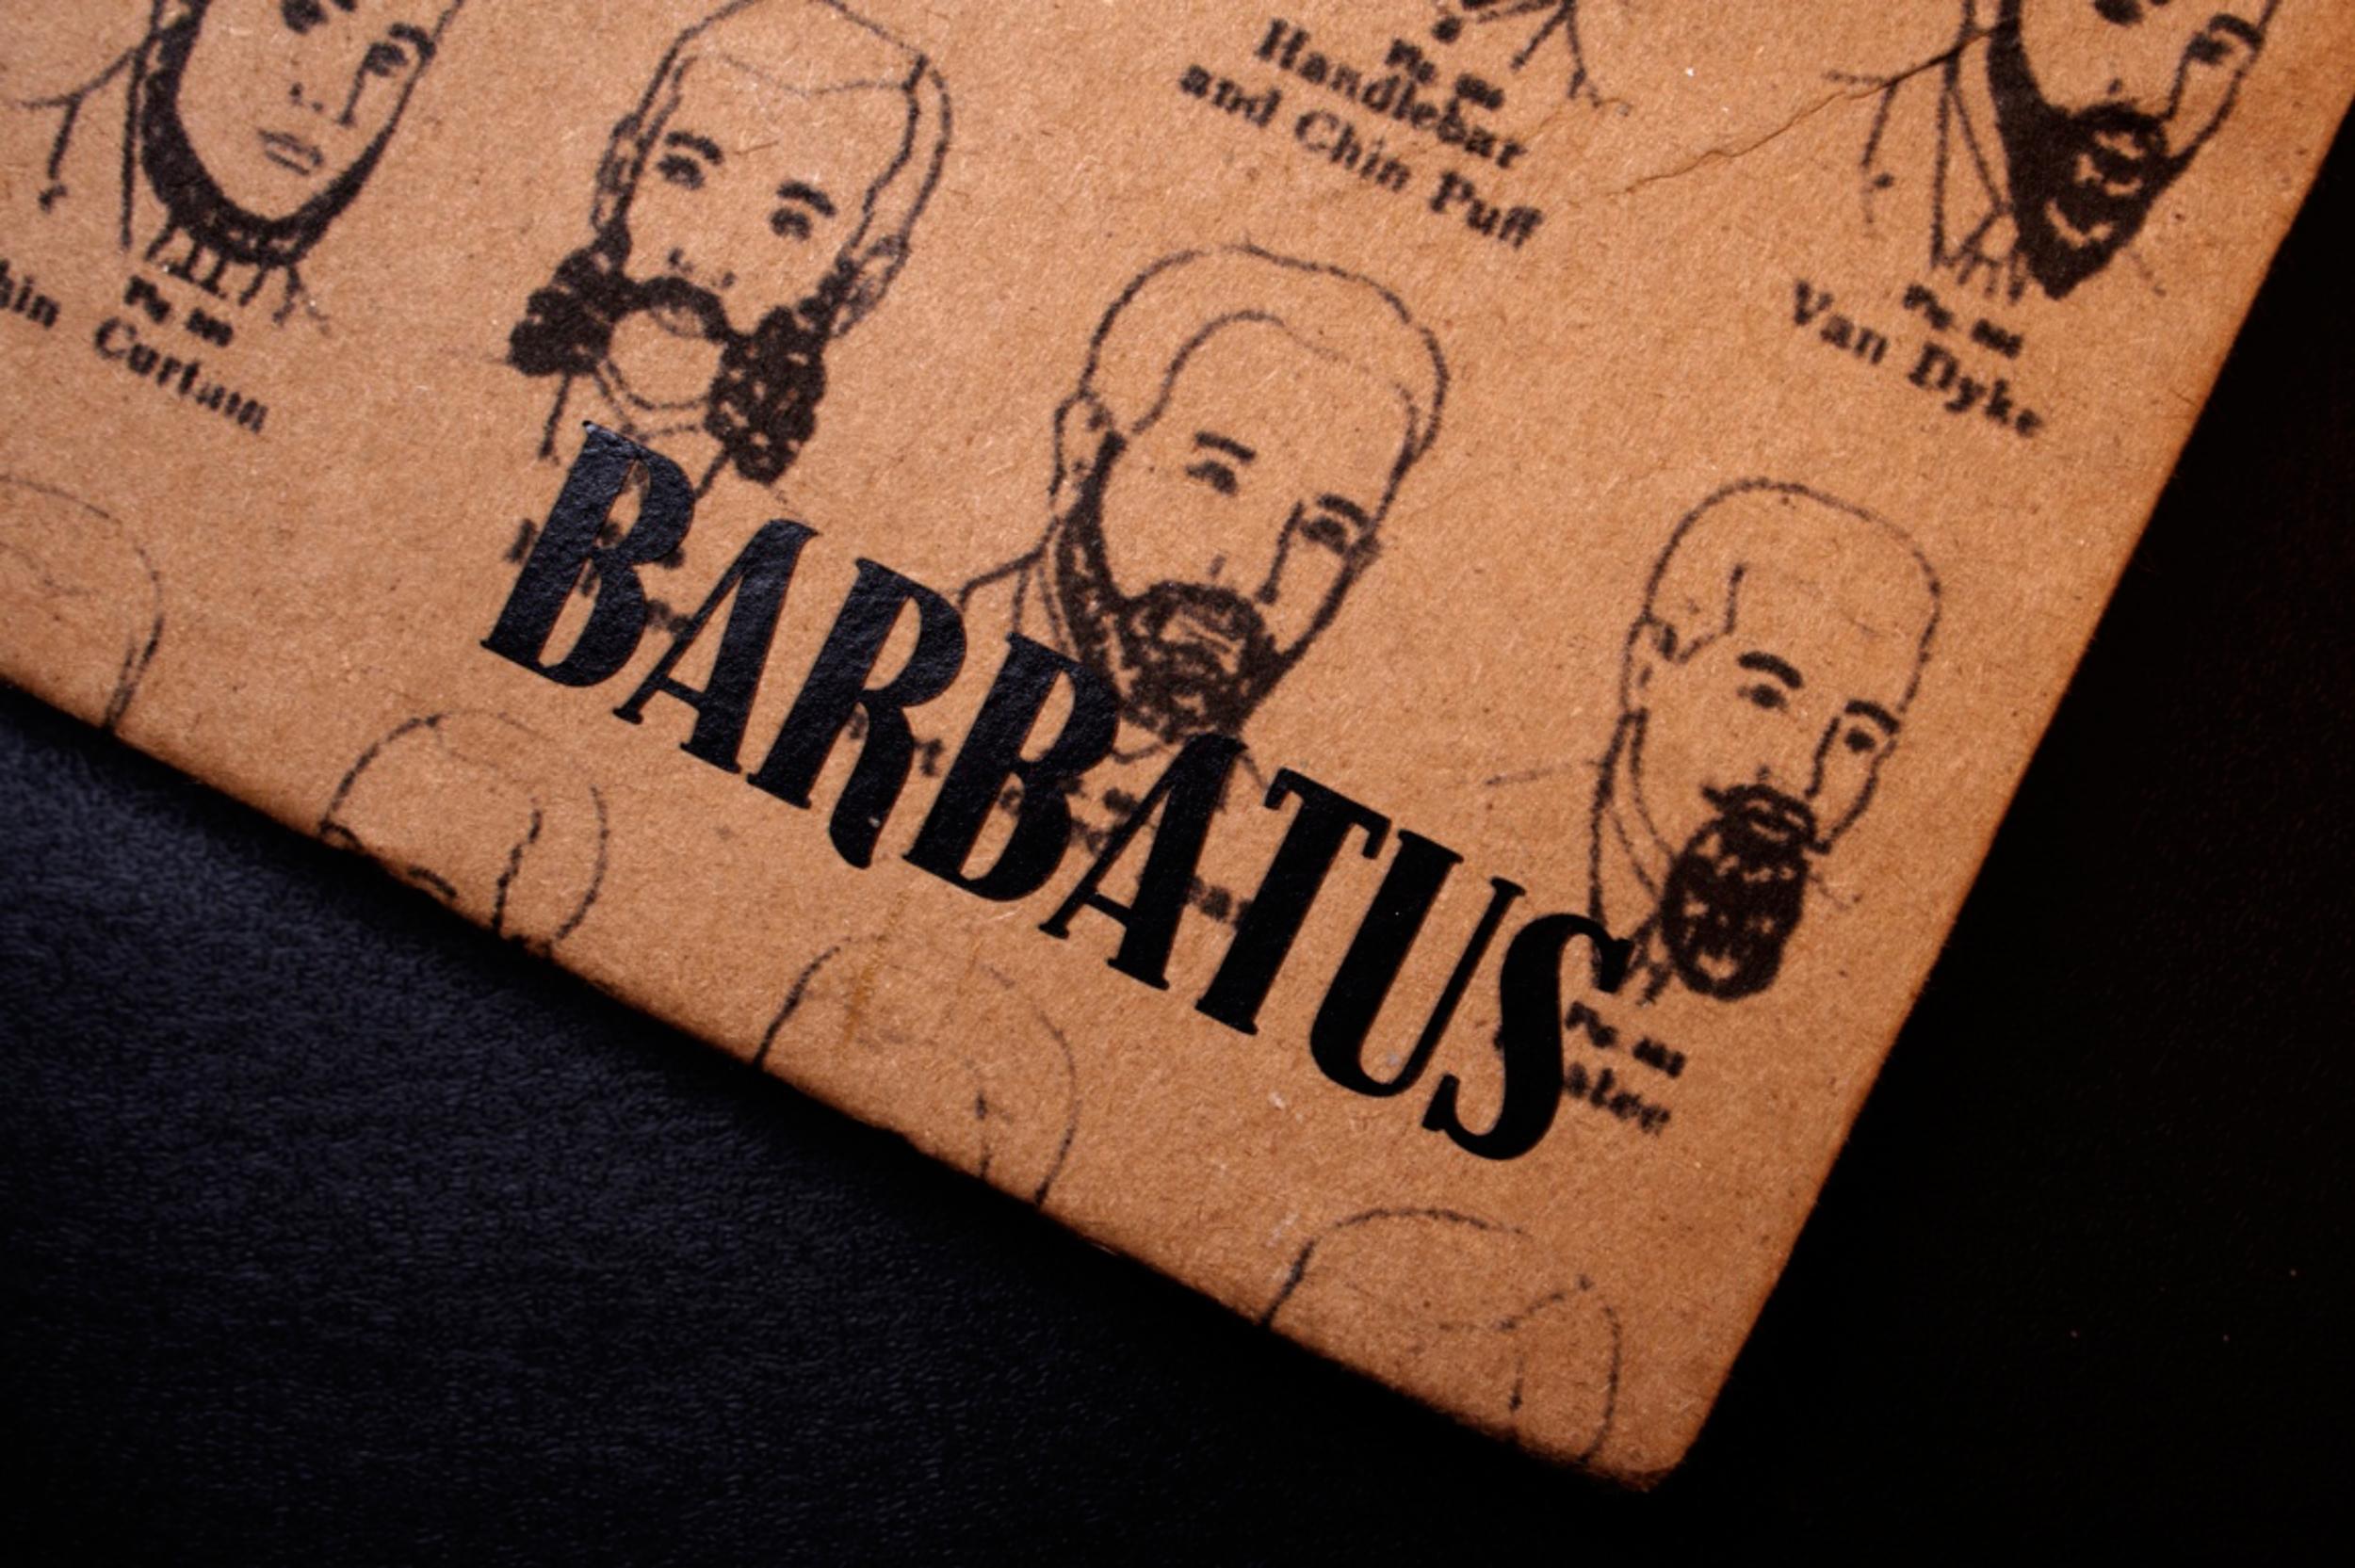 Barbatus (detail), 2007